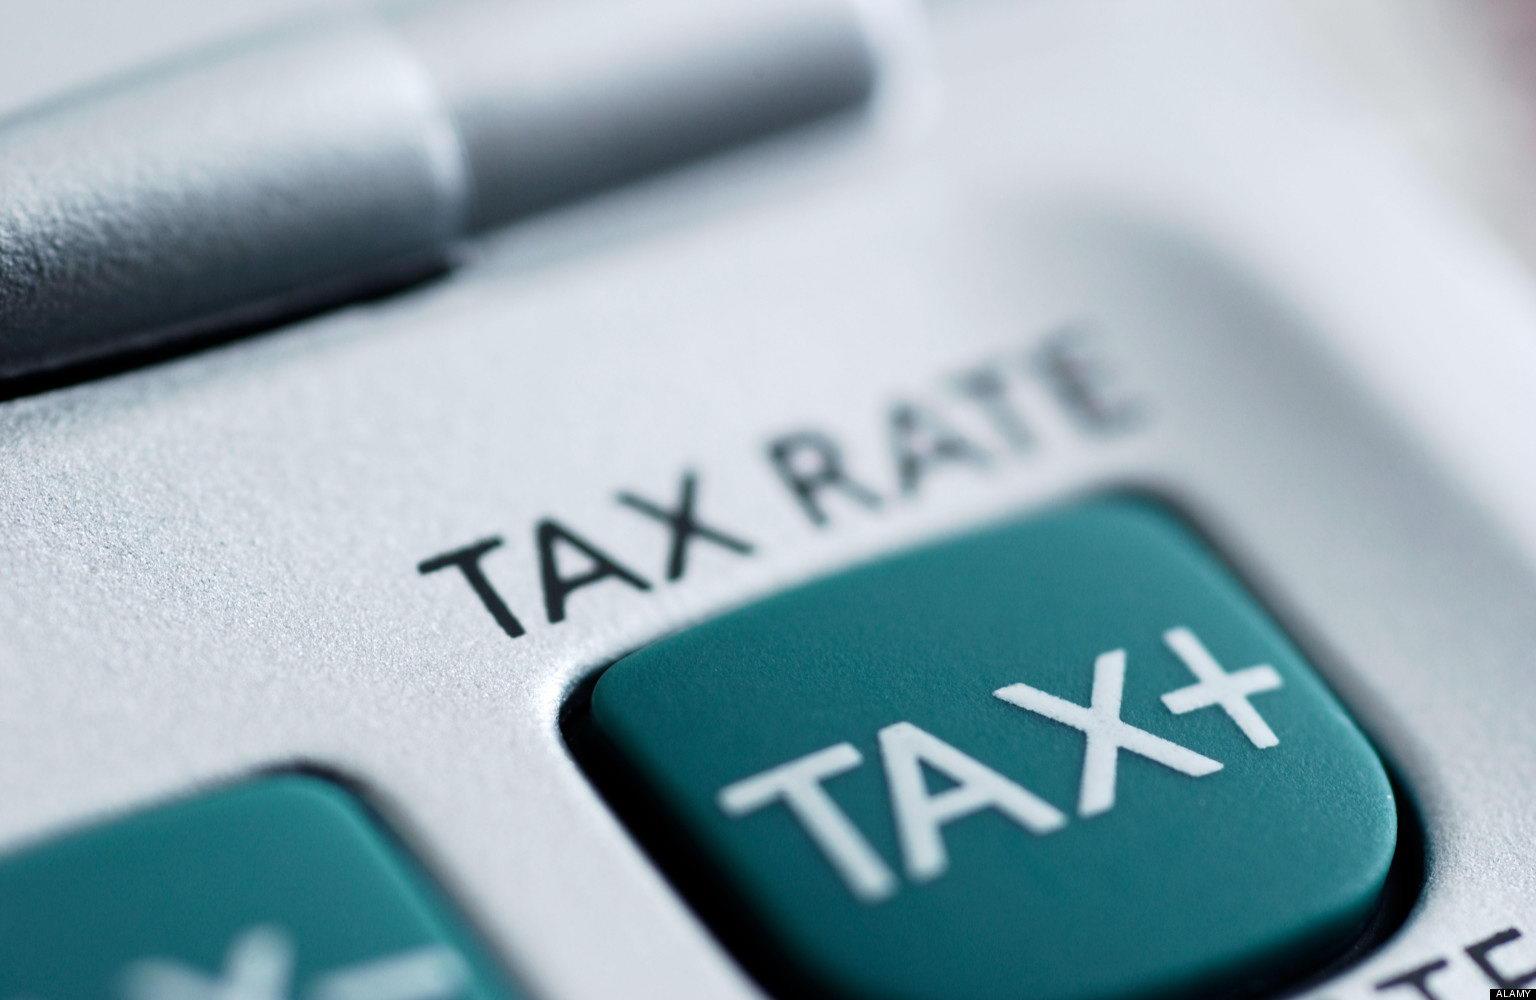 جایگاه تشخیص علی الراس در اصلاحیه قانون مالیاتها